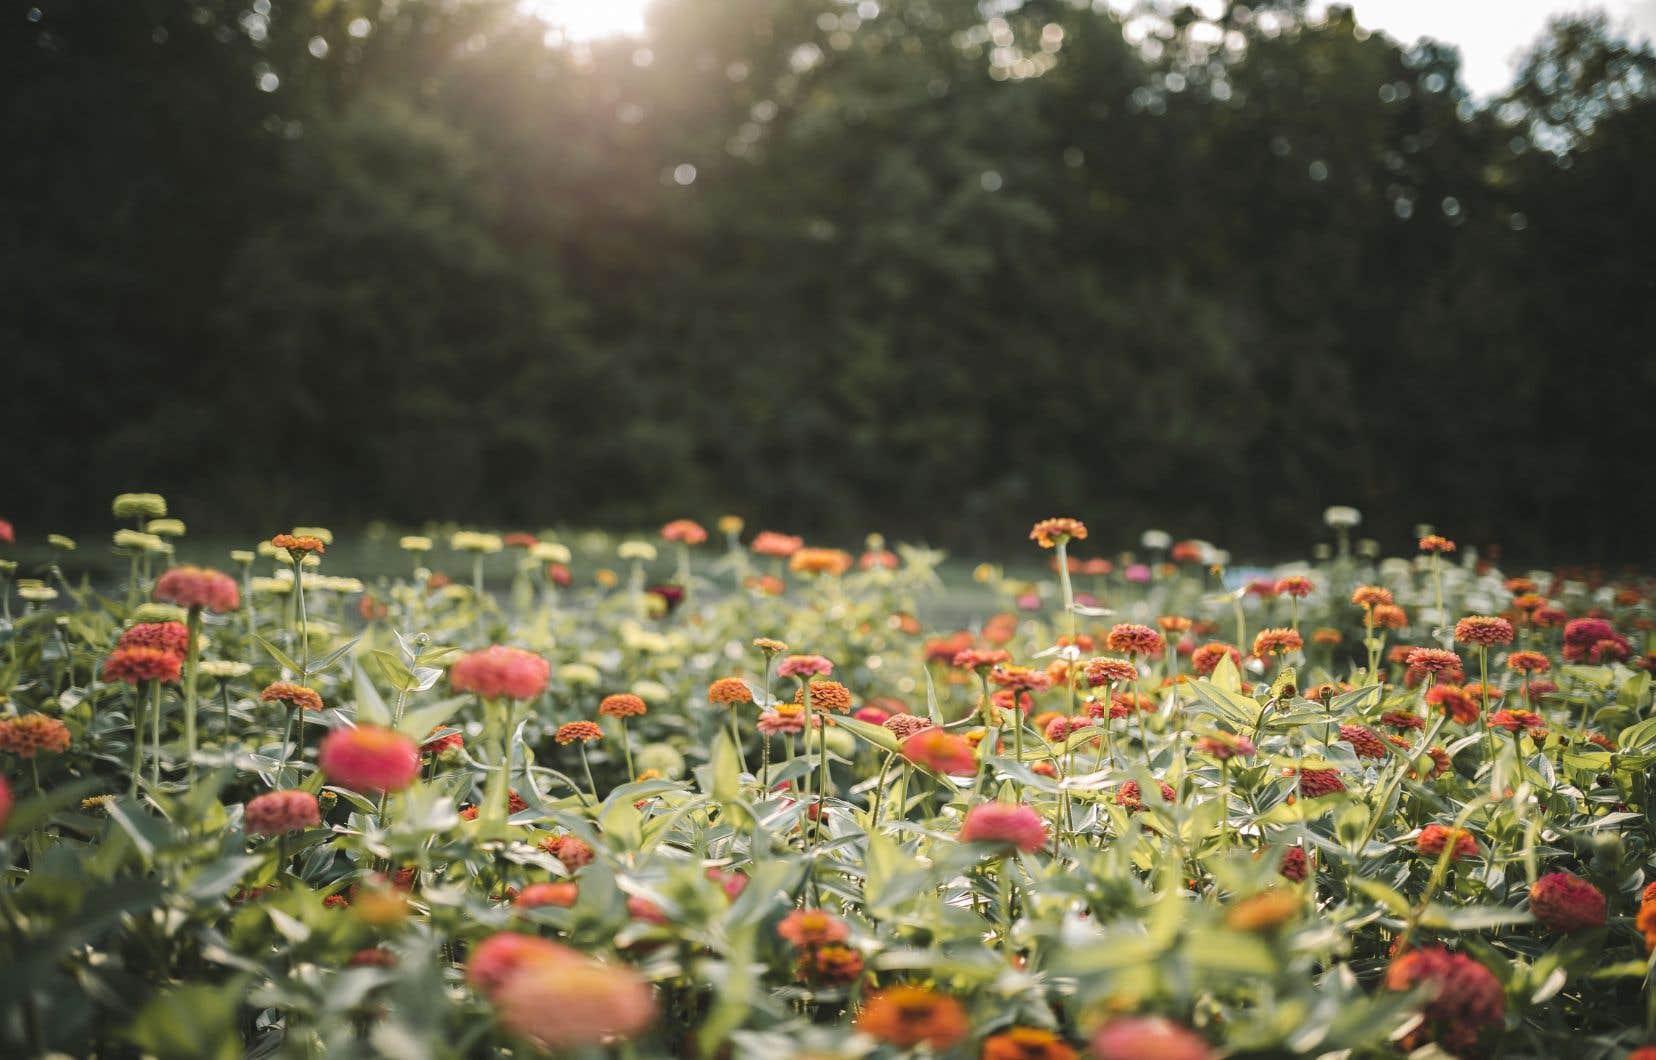 En plus de ses 300 variétés de dahlias, la ferme Au Beau Pré cultive une soixantaine de variétés d'annuelles destinées à l'autocueillette.